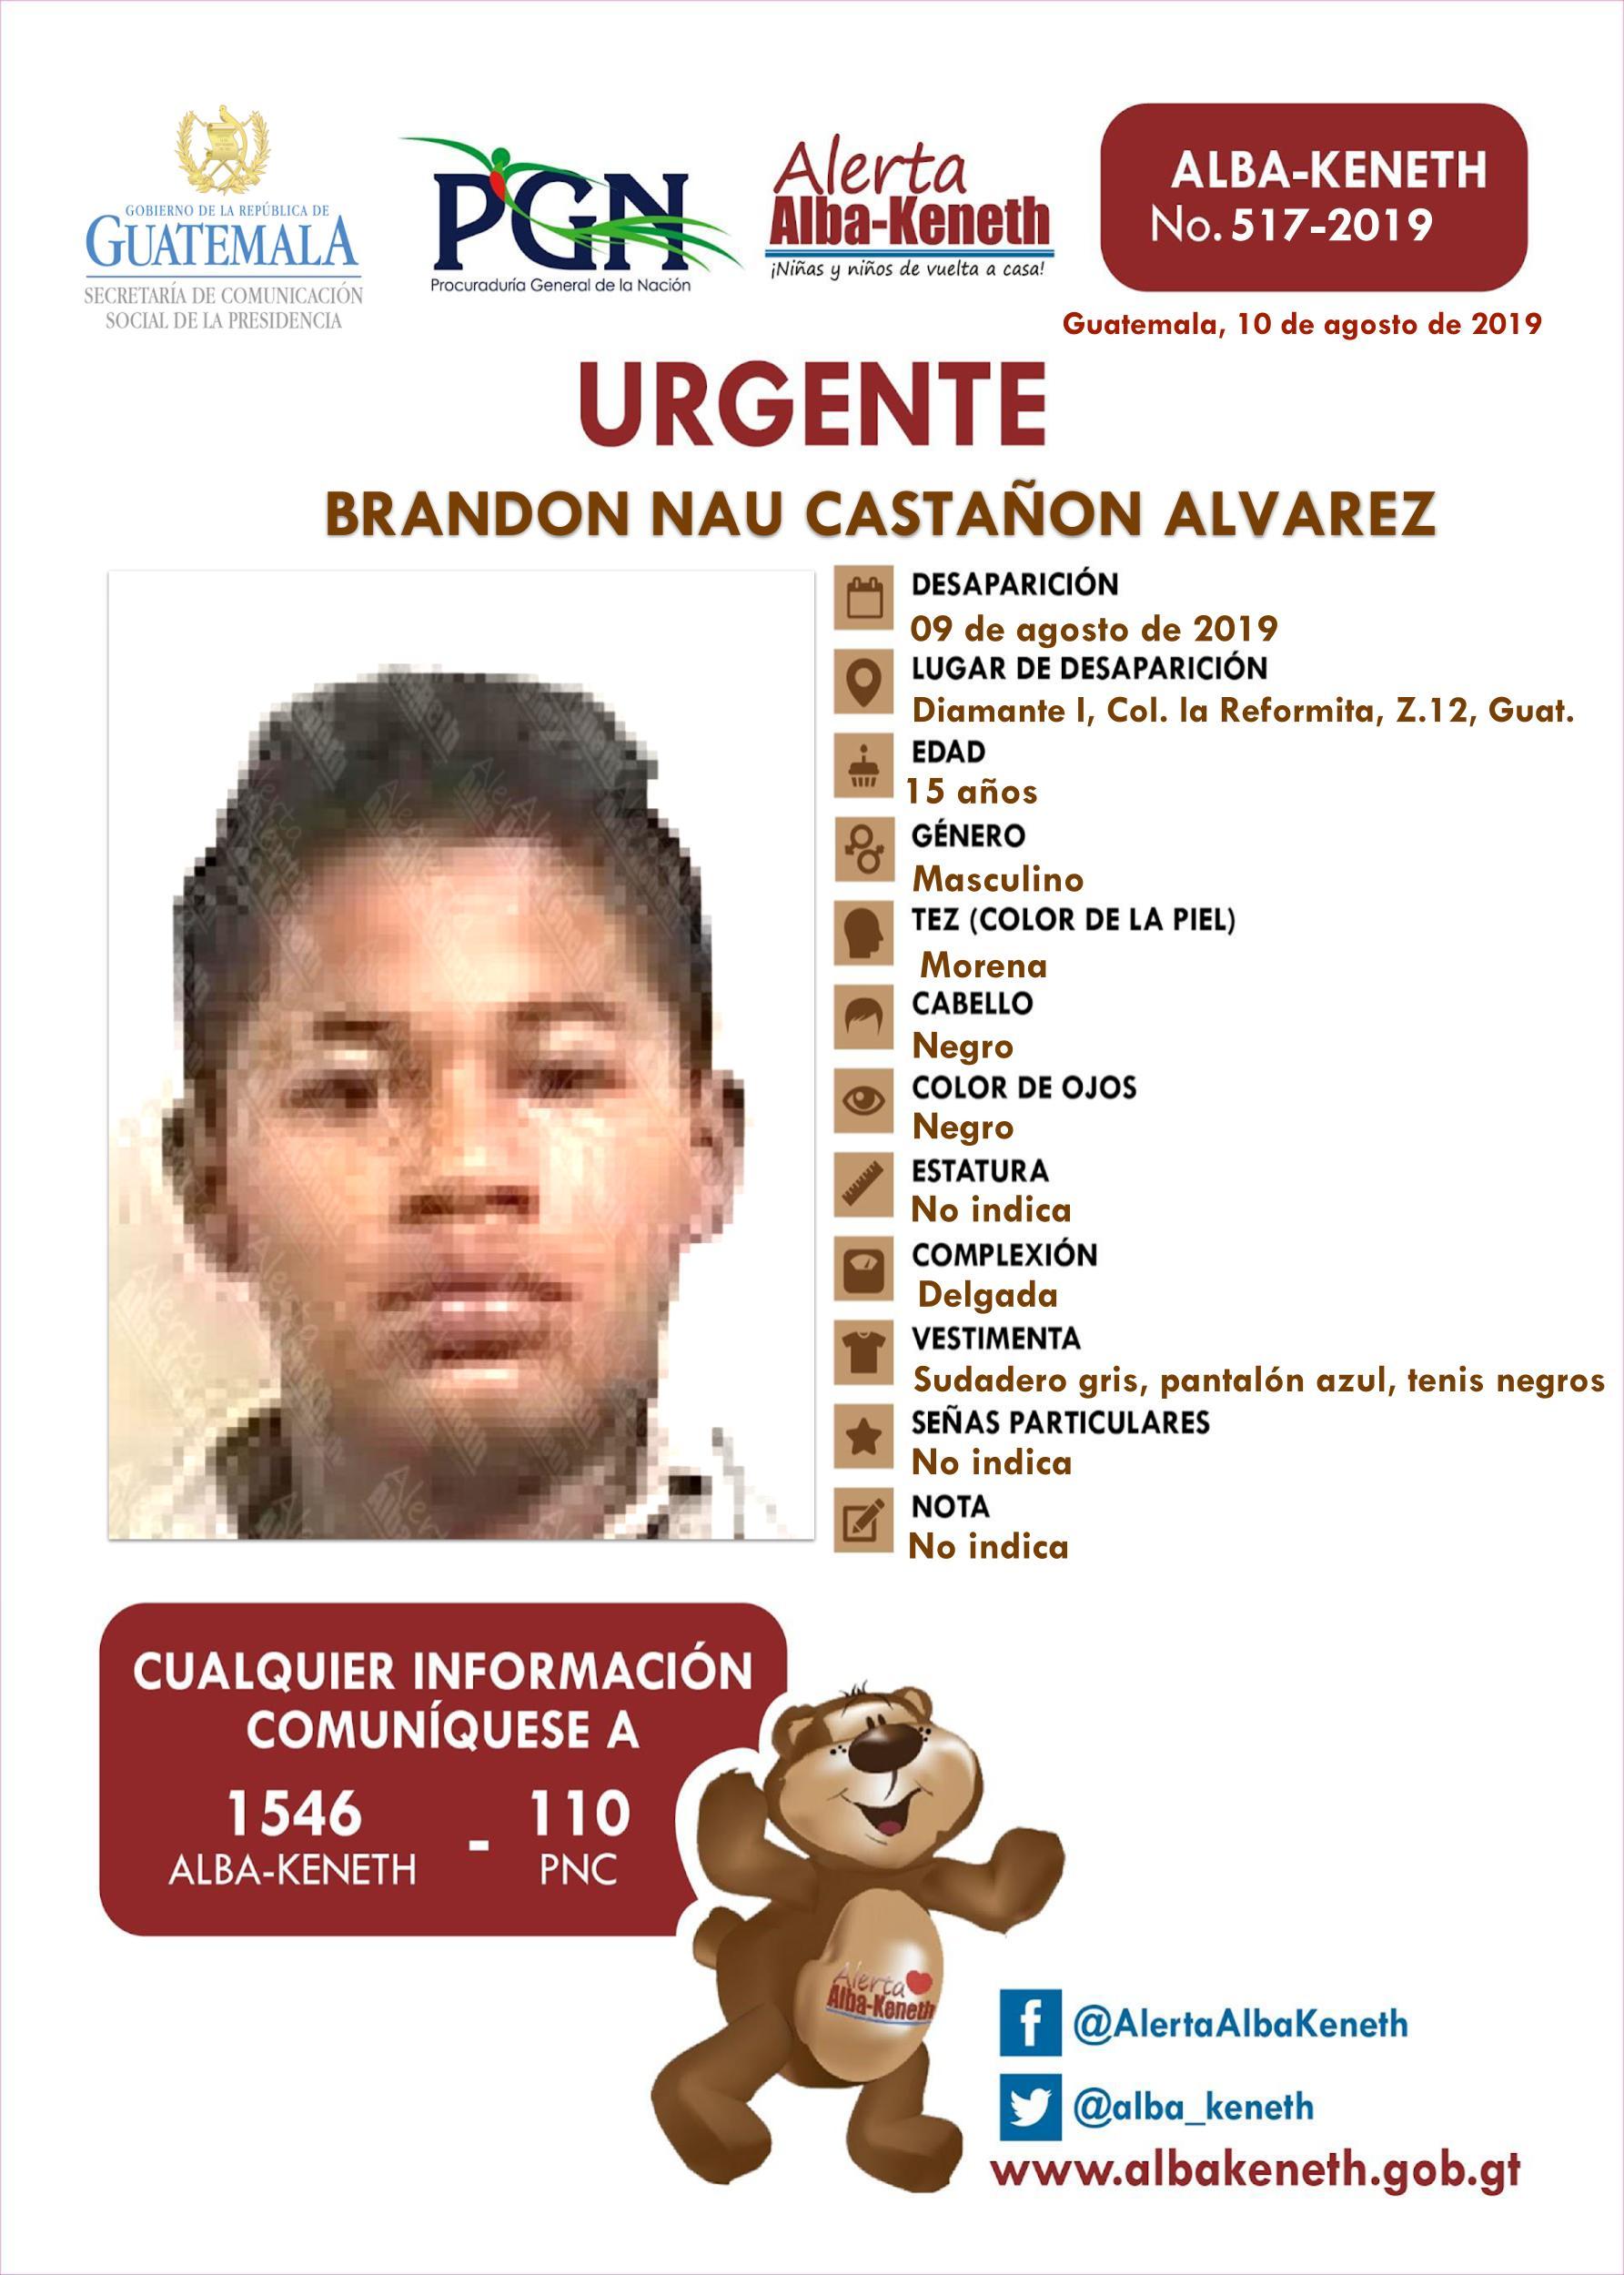 Brandon Nau Castañon Alvarez